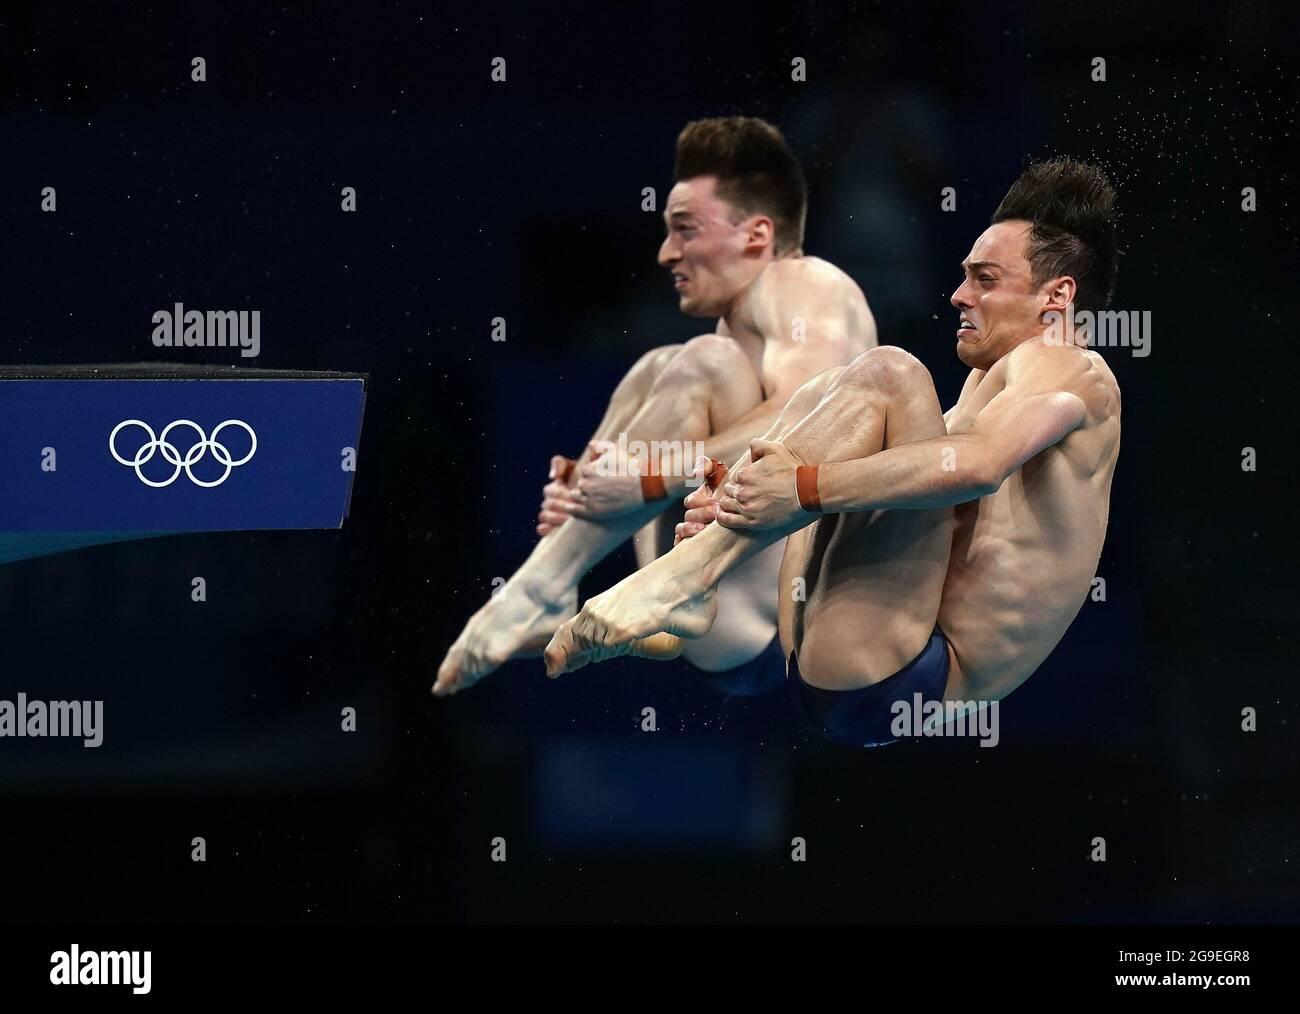 Tom Daley (a destra) e Matty Lee della Gran Bretagna durante la finale sincronizzata della piattaforma da 10 m al Tokyo Aquatics Center il terzo giorno dei Giochi Olimpici di Tokyo 2020 in Giappone. Data immagine: Lunedì 26 luglio 2021. Foto Stock